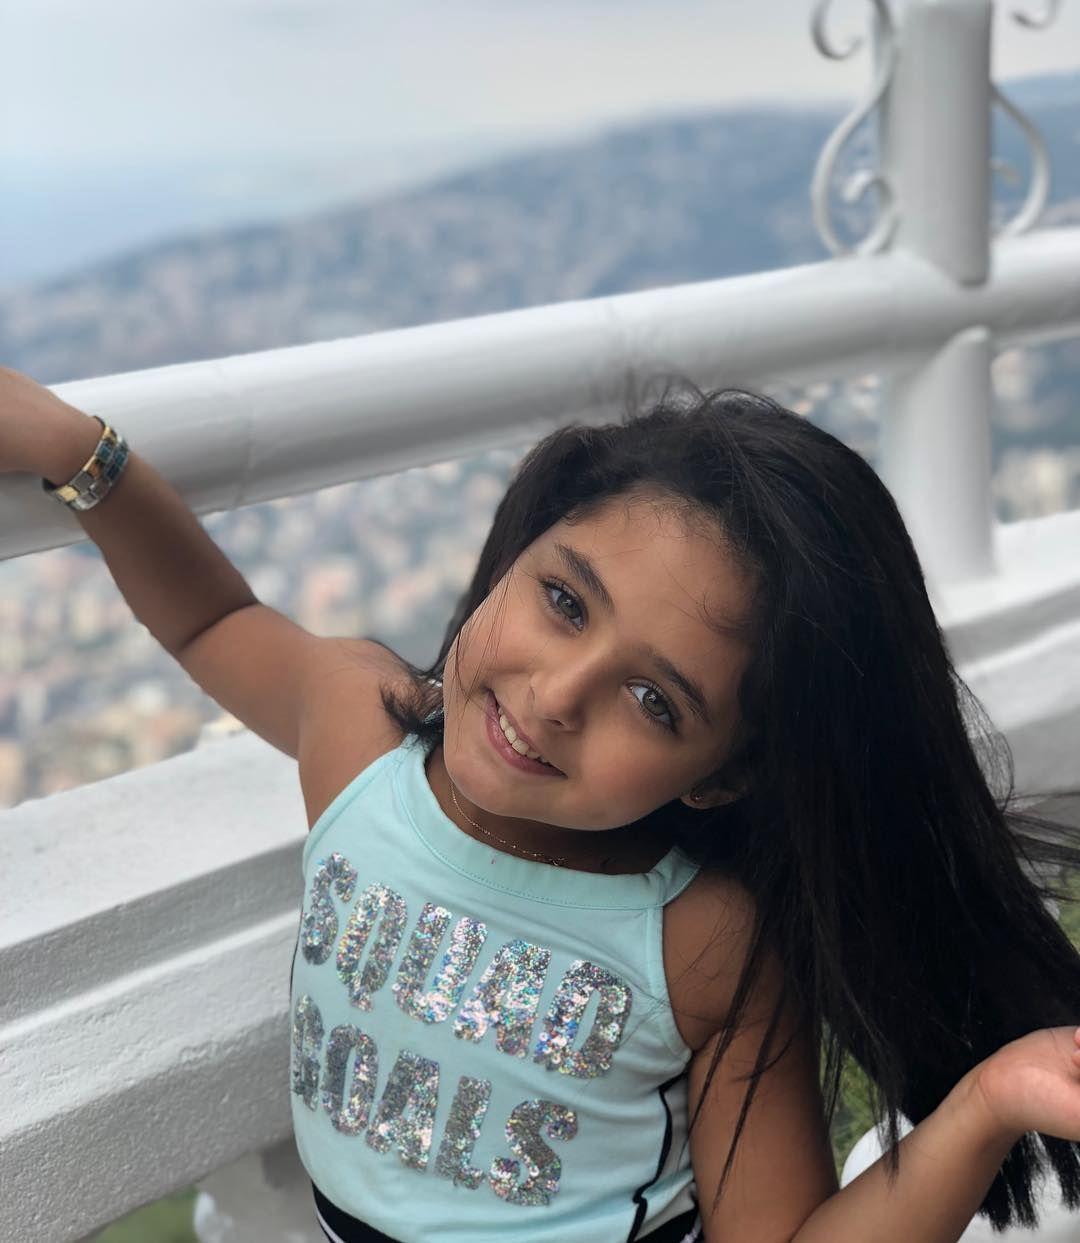 Kuwaiti Children Kuwaiti Child Zainah Alsaffar زينه الصفار زينه الصفار الجمال الكويتي Kuwaitichildren Baby Girl Swimsuit Girls Swimsuit Beautiful Children